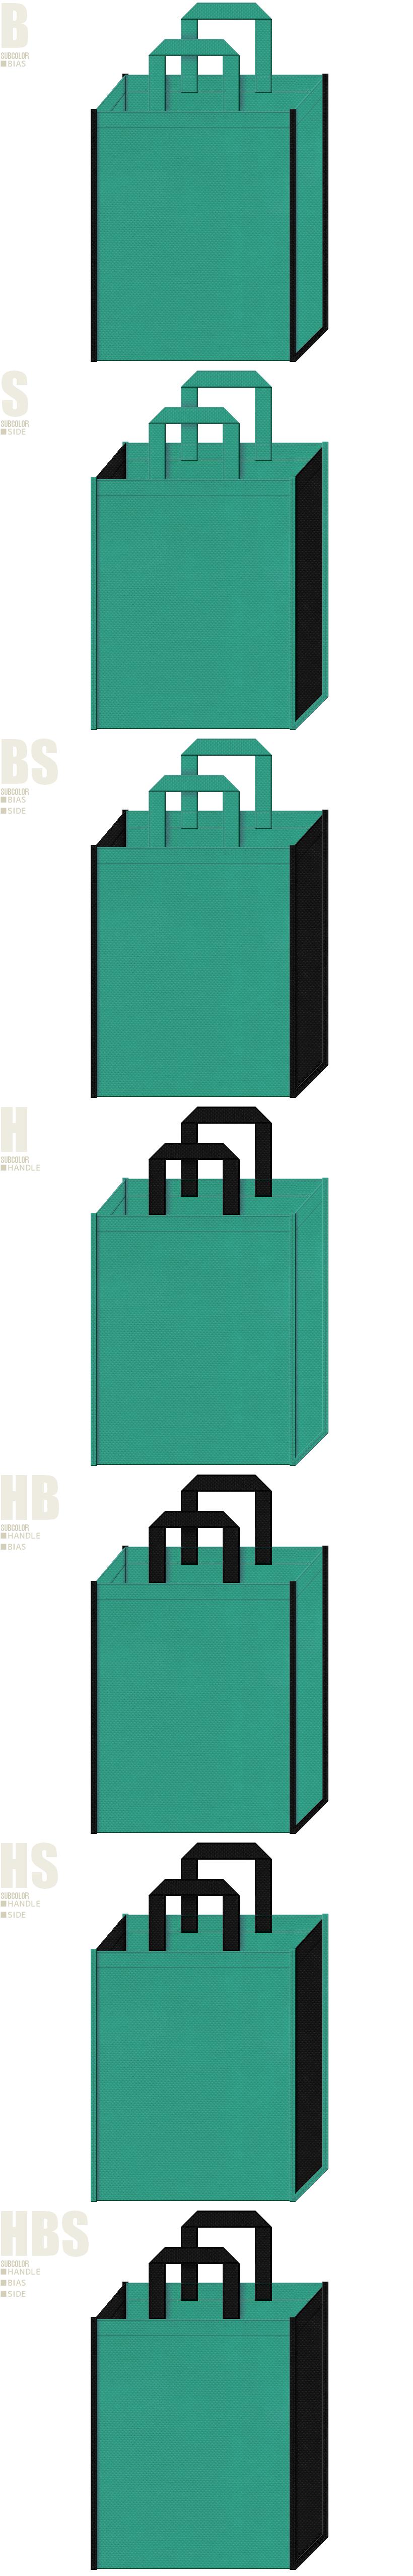 ユニフォーム・シューズ・アウトドア・スポーツイベント・スポーティーファッション・スポーツ用品の展示会用バッグにお奨めの不織布バッグデザイン:青緑色と黒色の配色7パターン